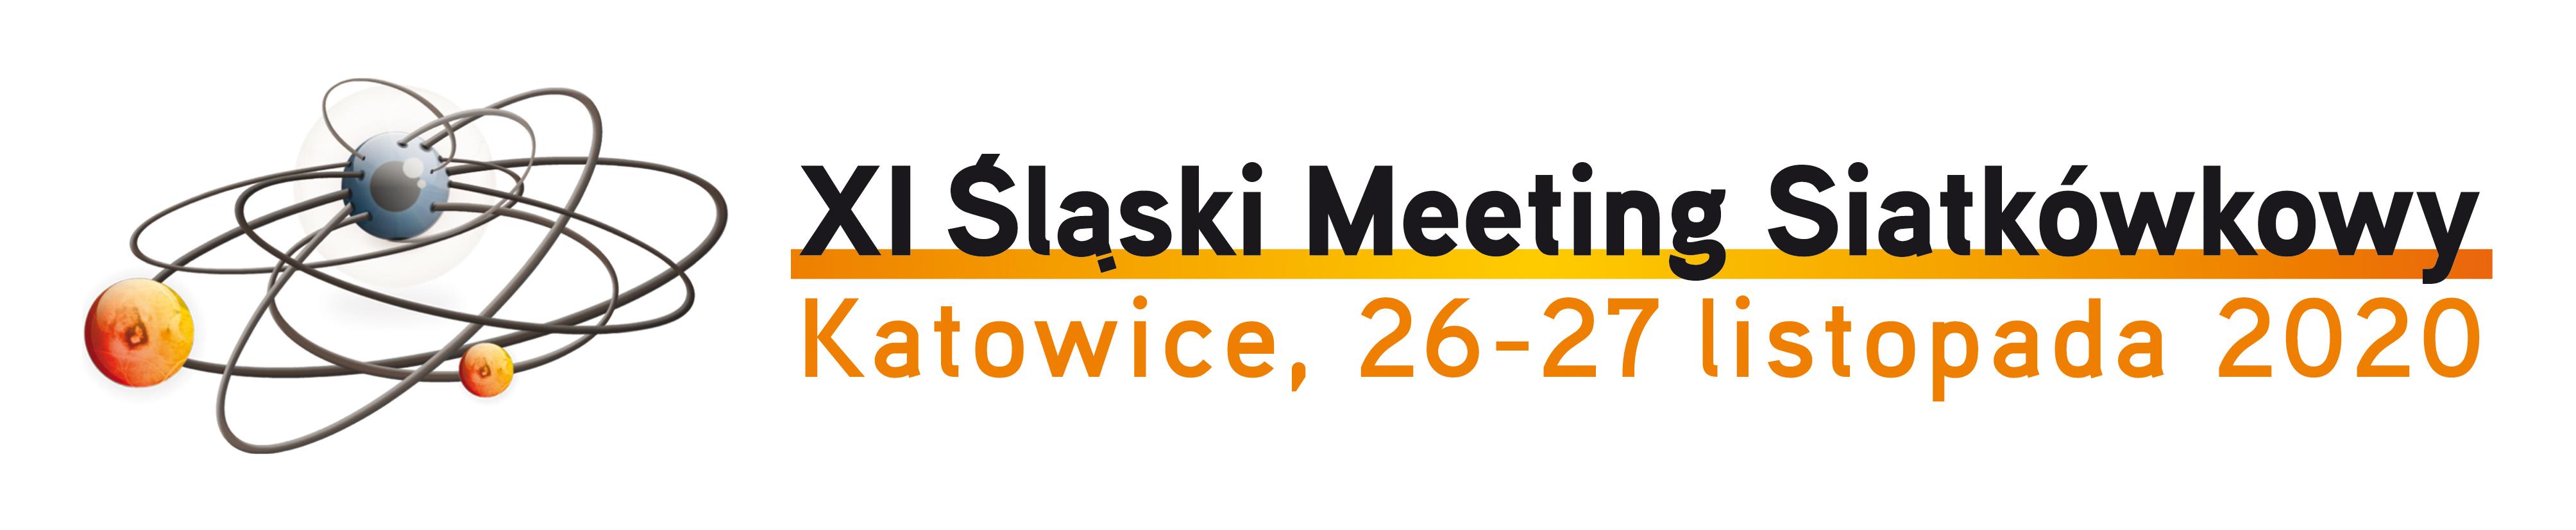 Konferencja Naukowo-Szkoleniowa                            XI ŚLĄSKI MEETING SIATKÓWKOWY